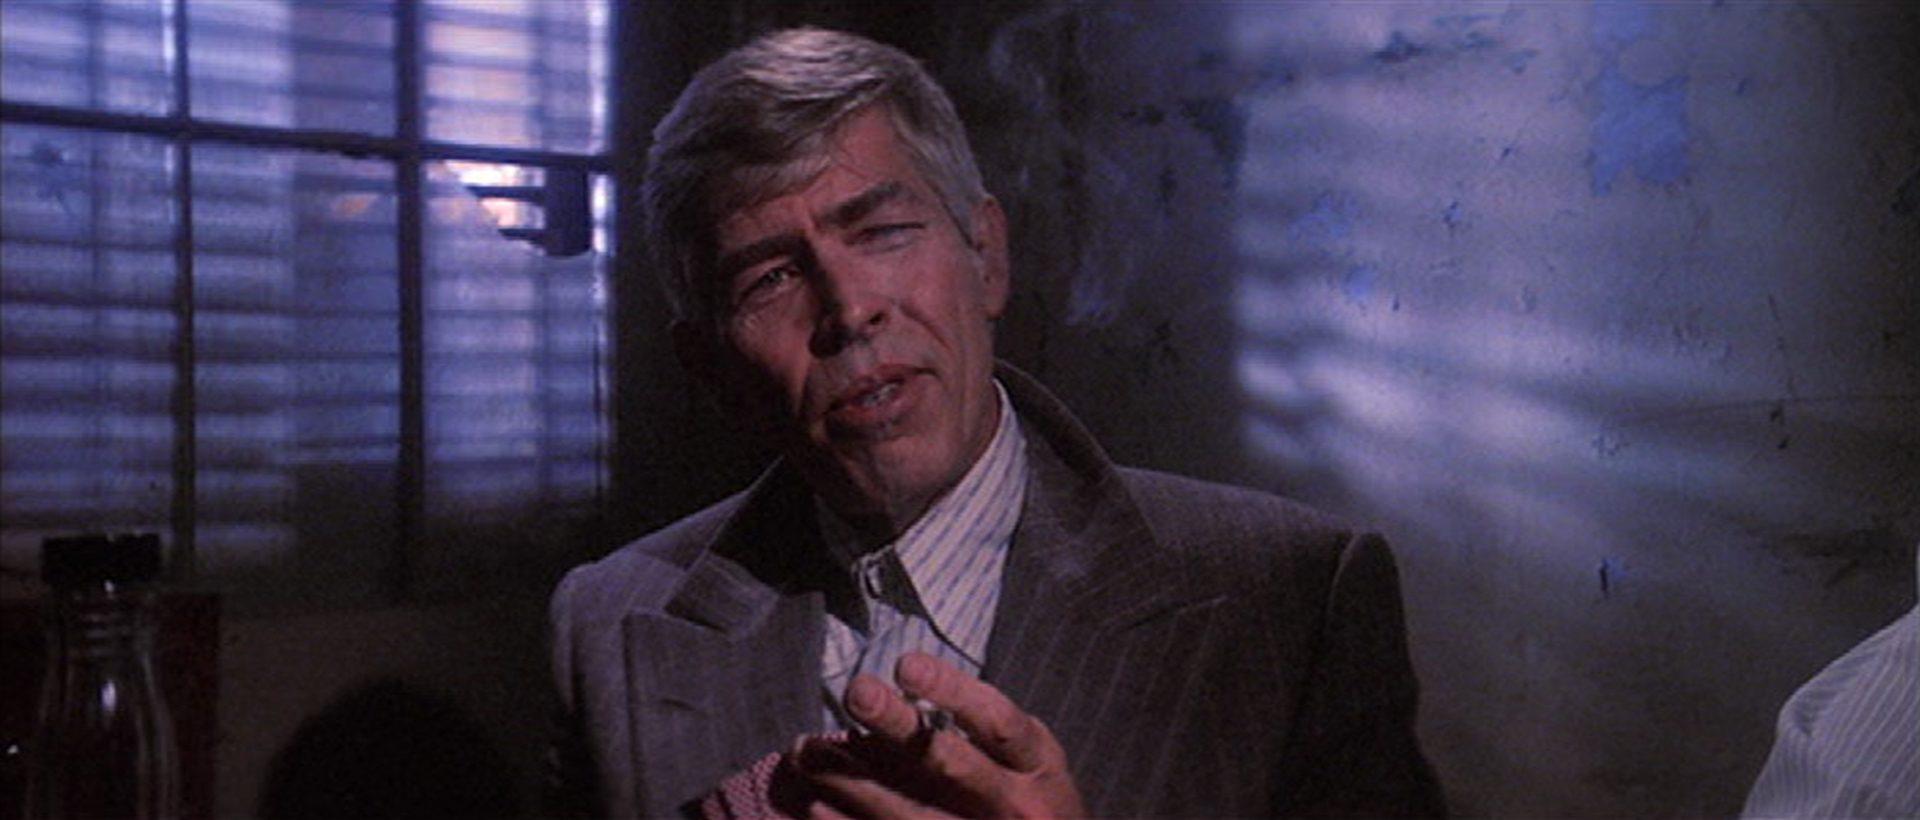 Nahaufnahme von James Coburn in der Pose eines windigen Geschäftsmannes.